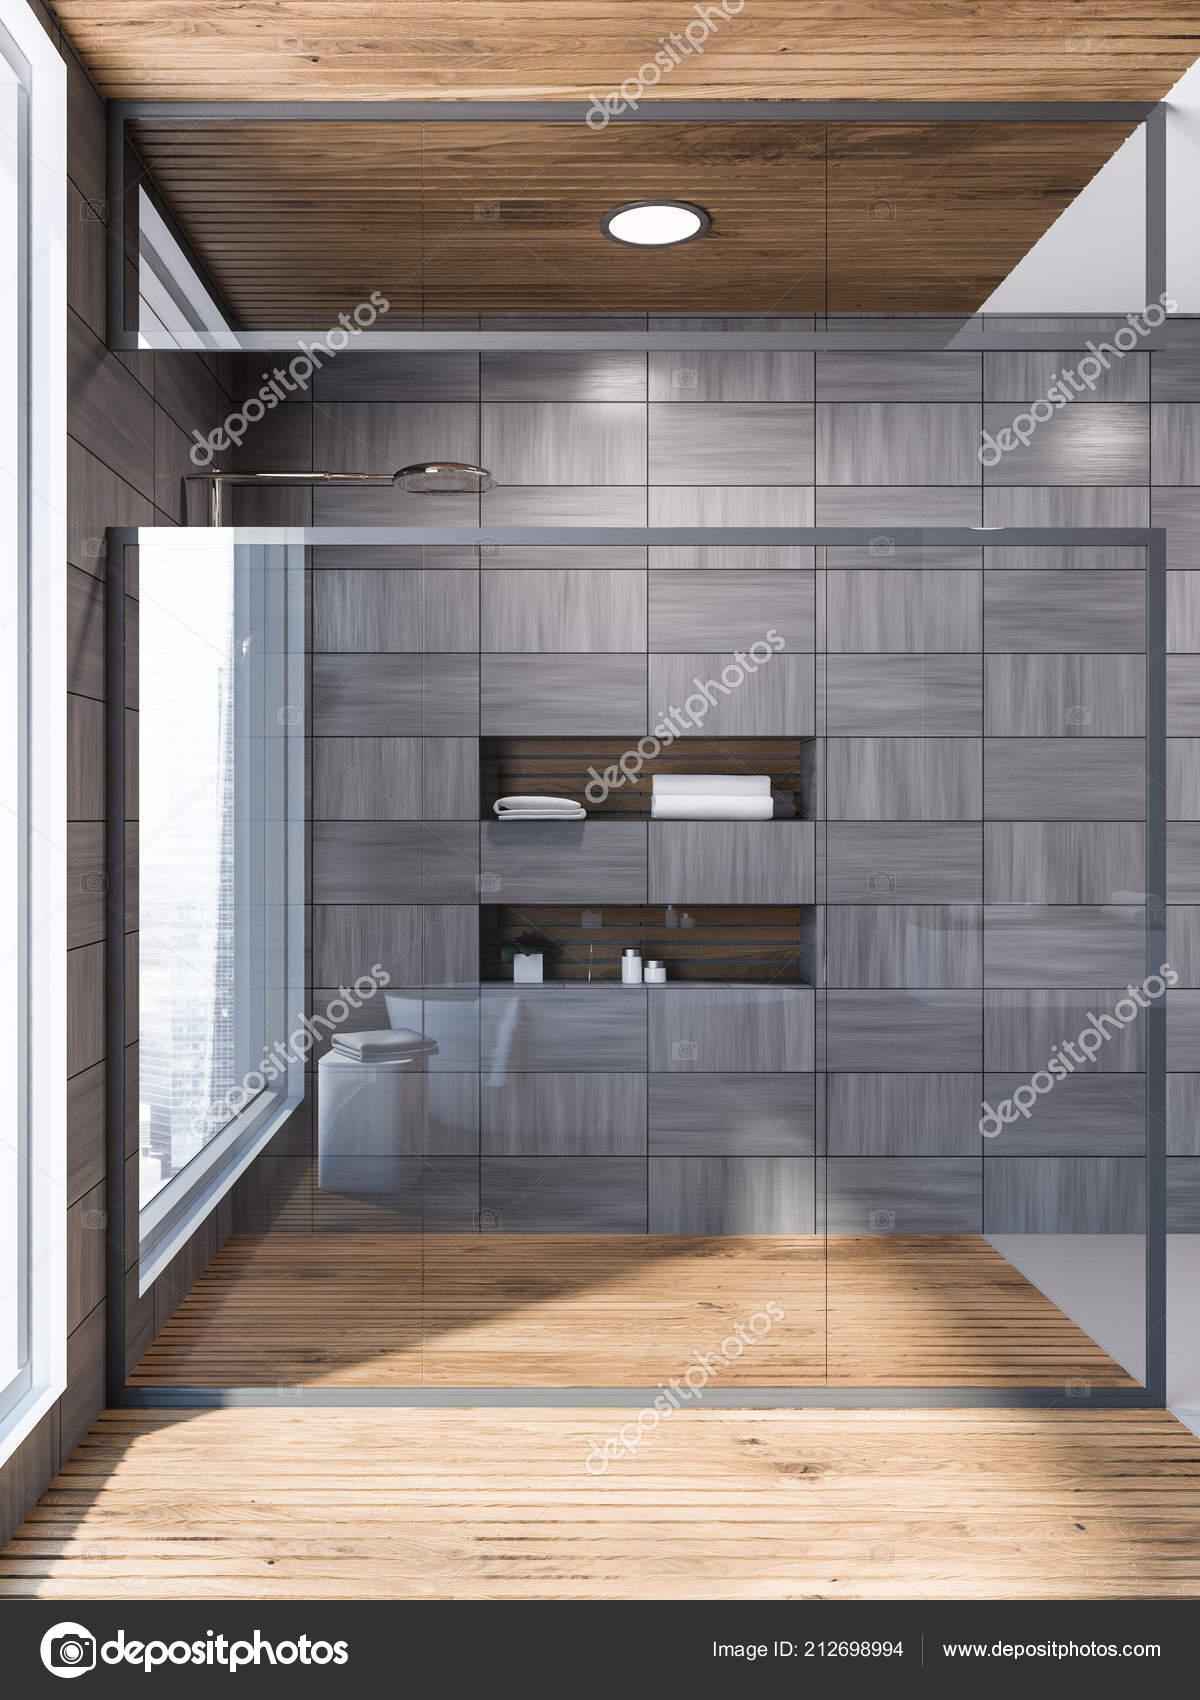 Glazen Muur Badkamer.Moderne Grijs Houten Betegelde Muur Badkamer Interieur Met